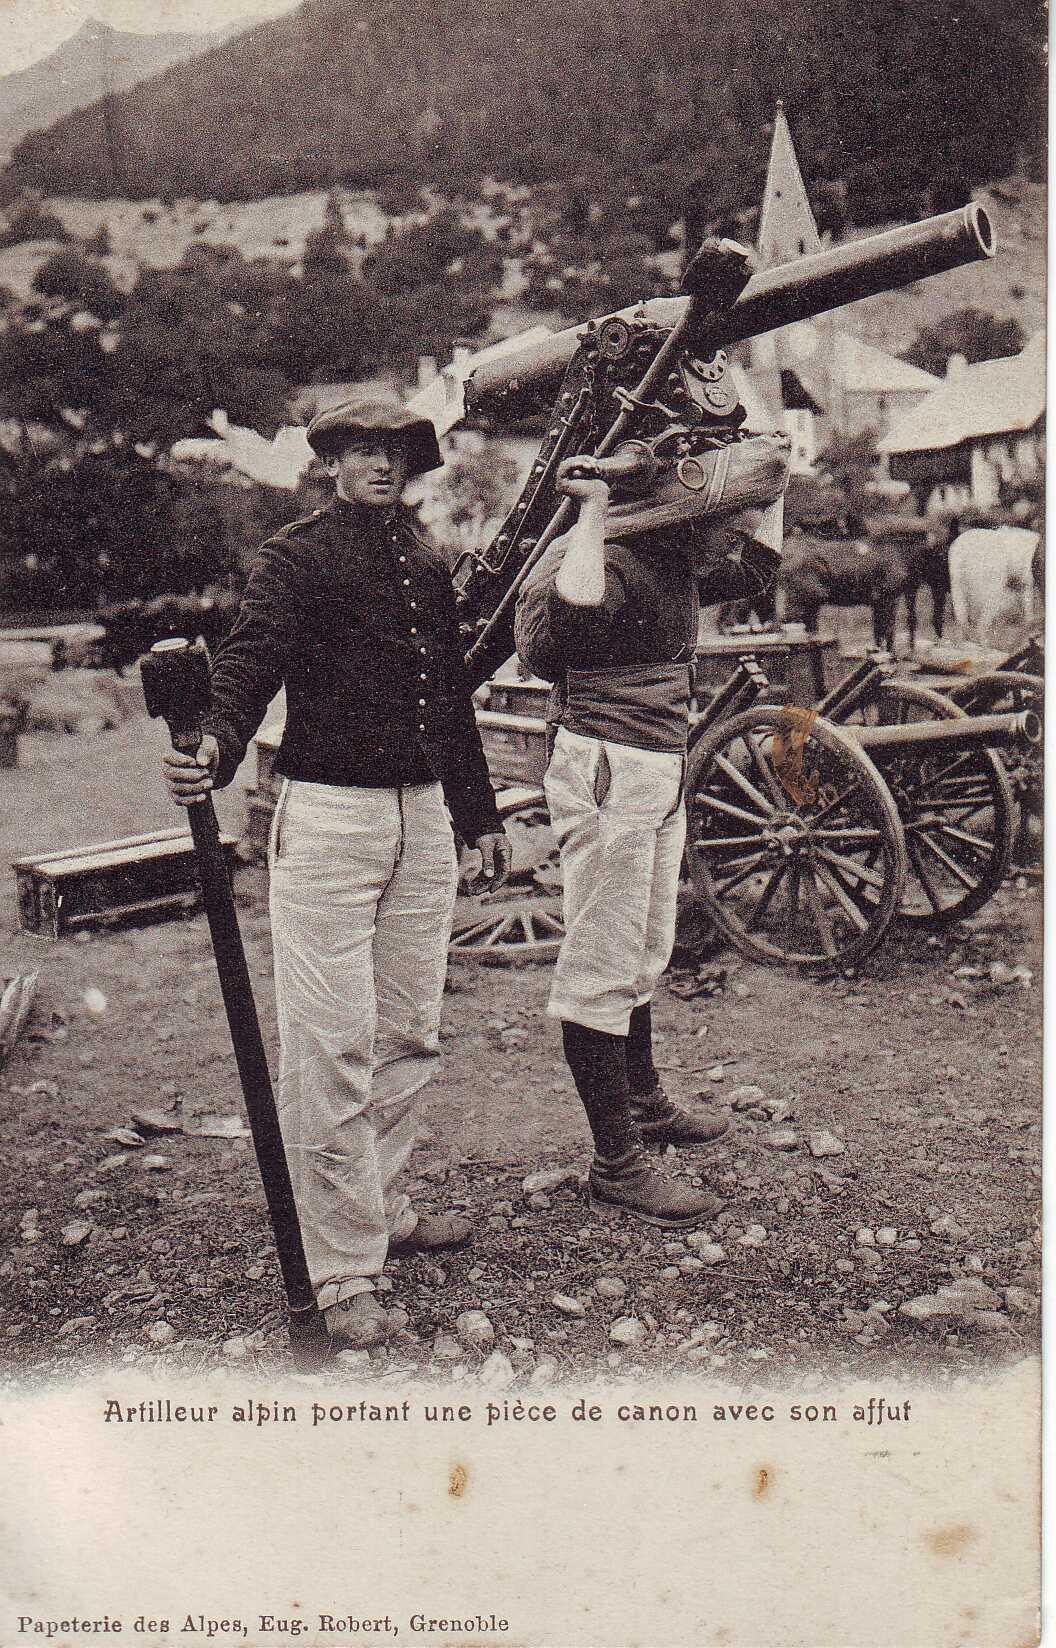 Artilleur-Alpin-Piece-De-Canon-Avec-Affut.jpg